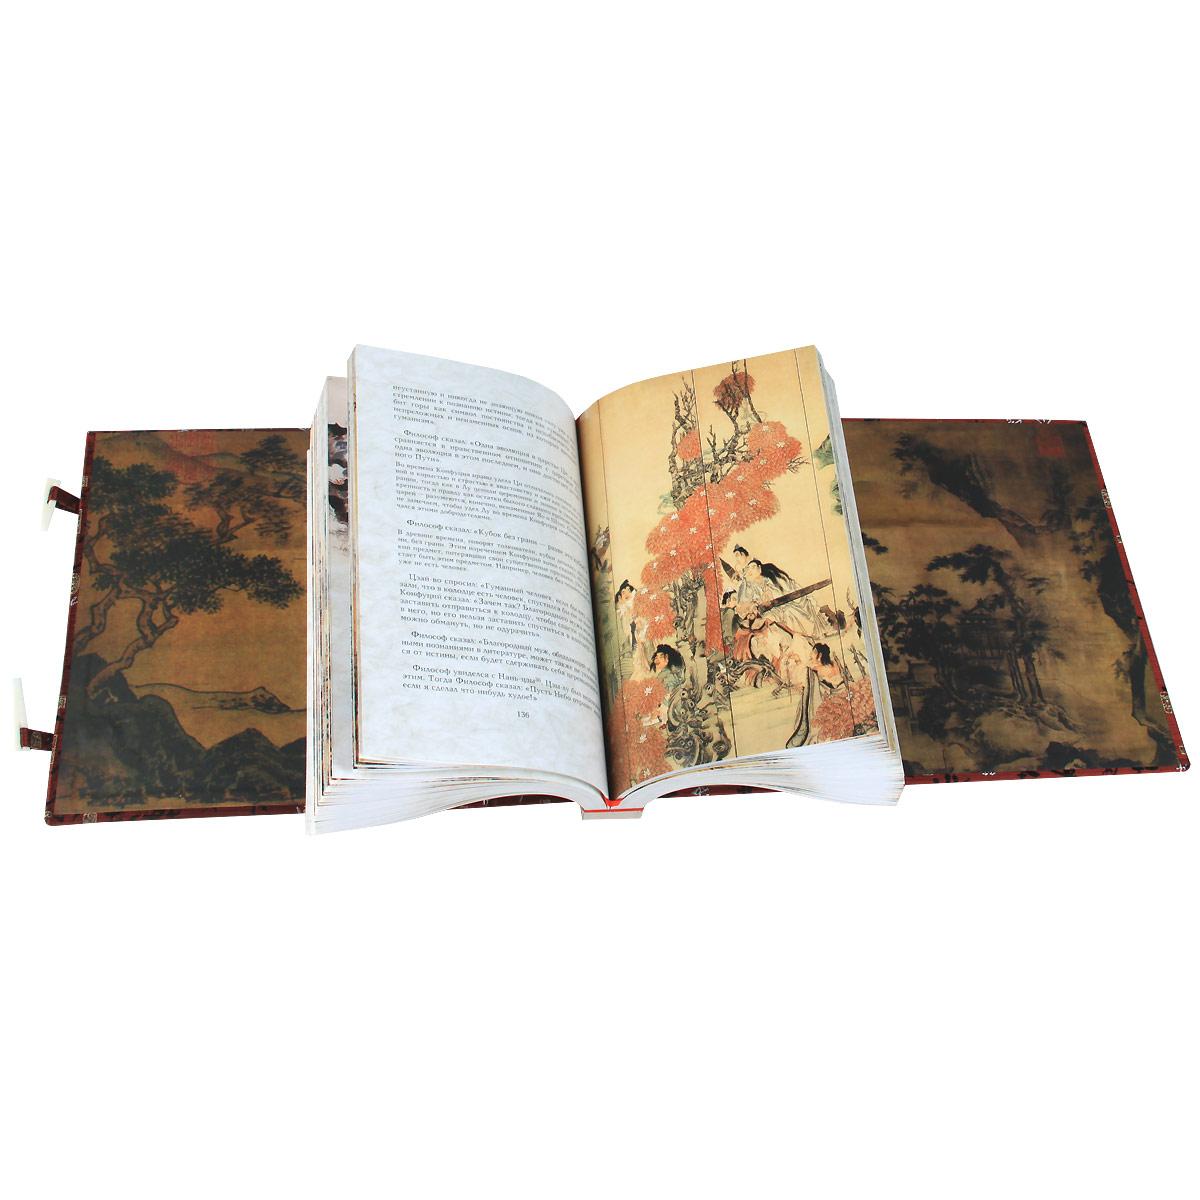 Конфуций. Беседы и суждения (эксклюзивное подарочное издание)